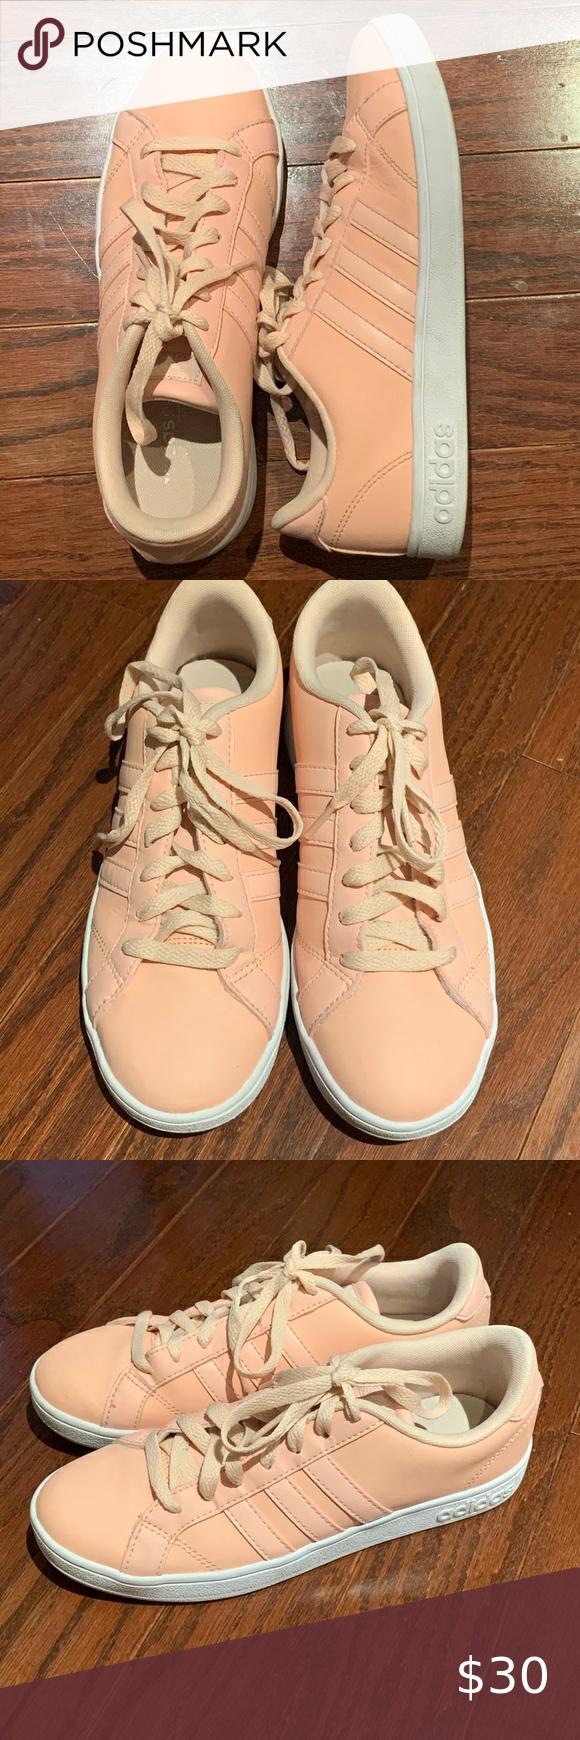 Size 7 Women's Adidas Neo Baseline Pink Sneaker   Pink sneakers ...